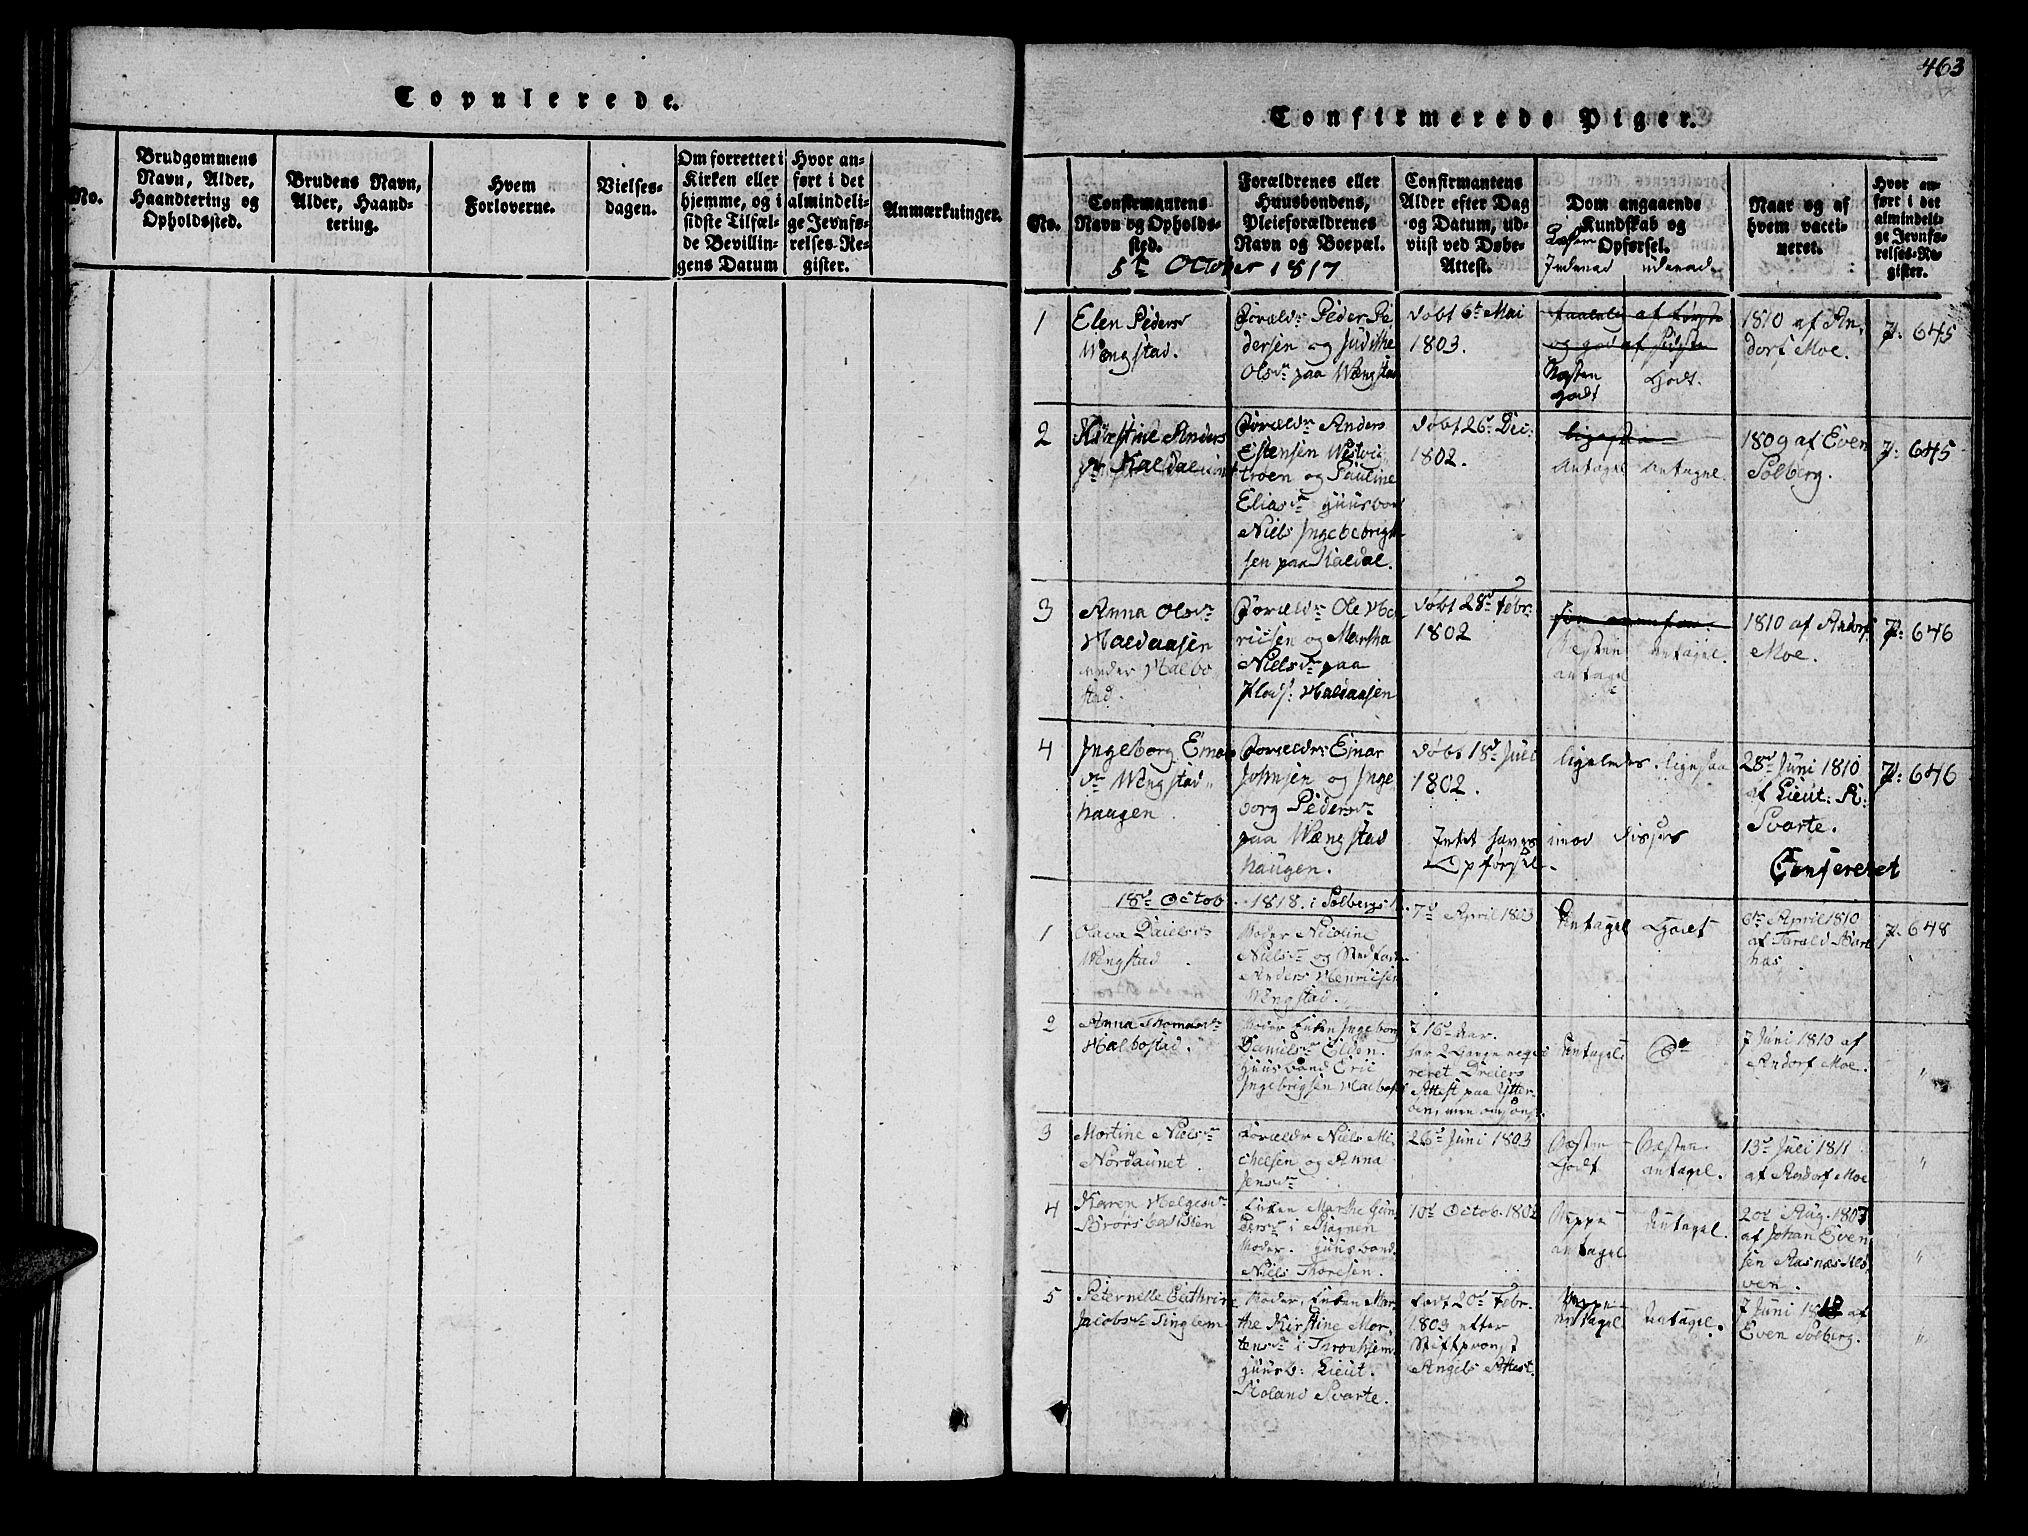 SAT, Ministerialprotokoller, klokkerbøker og fødselsregistre - Nord-Trøndelag, 742/L0411: Klokkerbok nr. 742C02, 1817-1825, s. 462-463